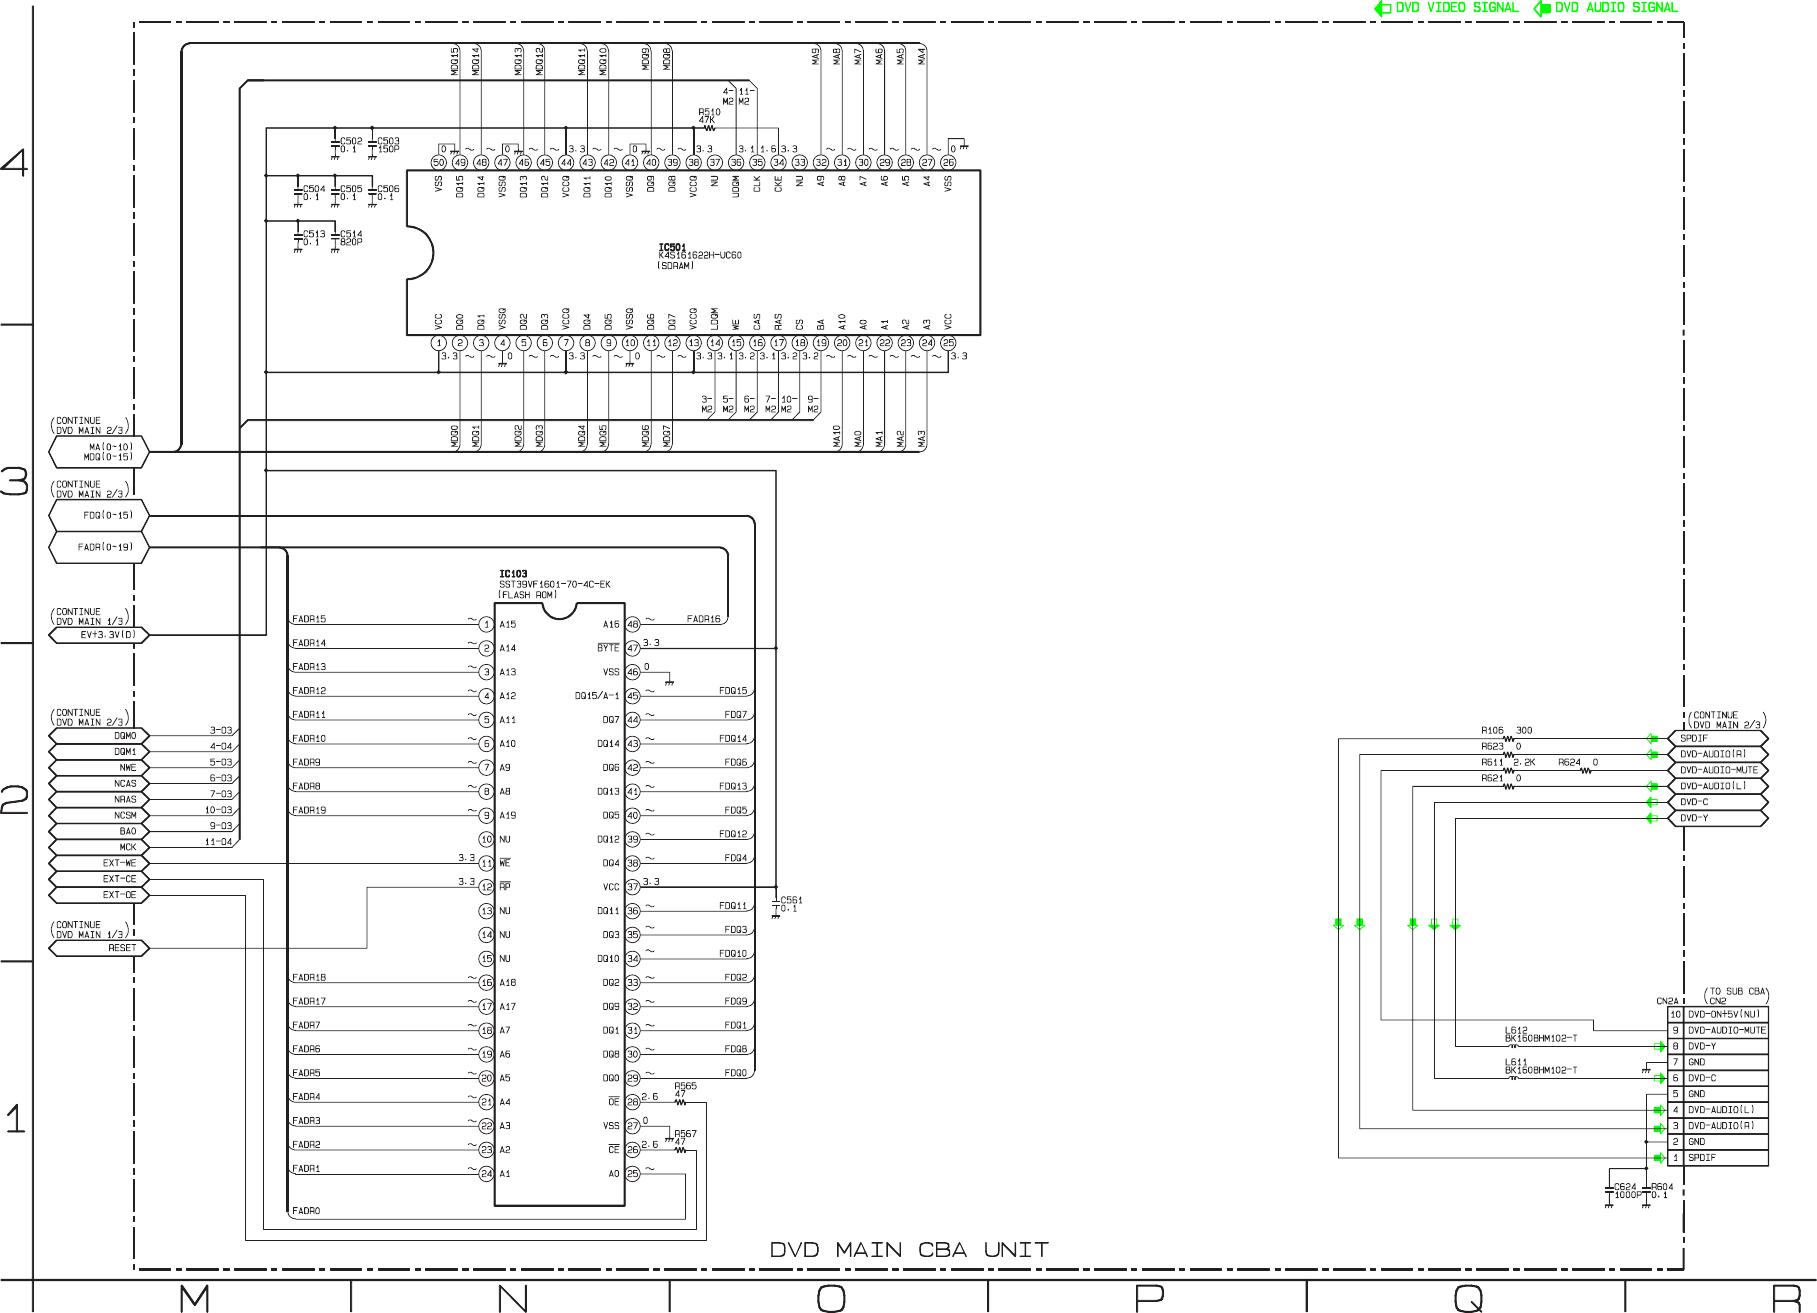 """B92 B Sección Calidad Vee cinturón 17x11x92 /"""" también conocido como b 92 17mm X 11mm X 92/"""""""